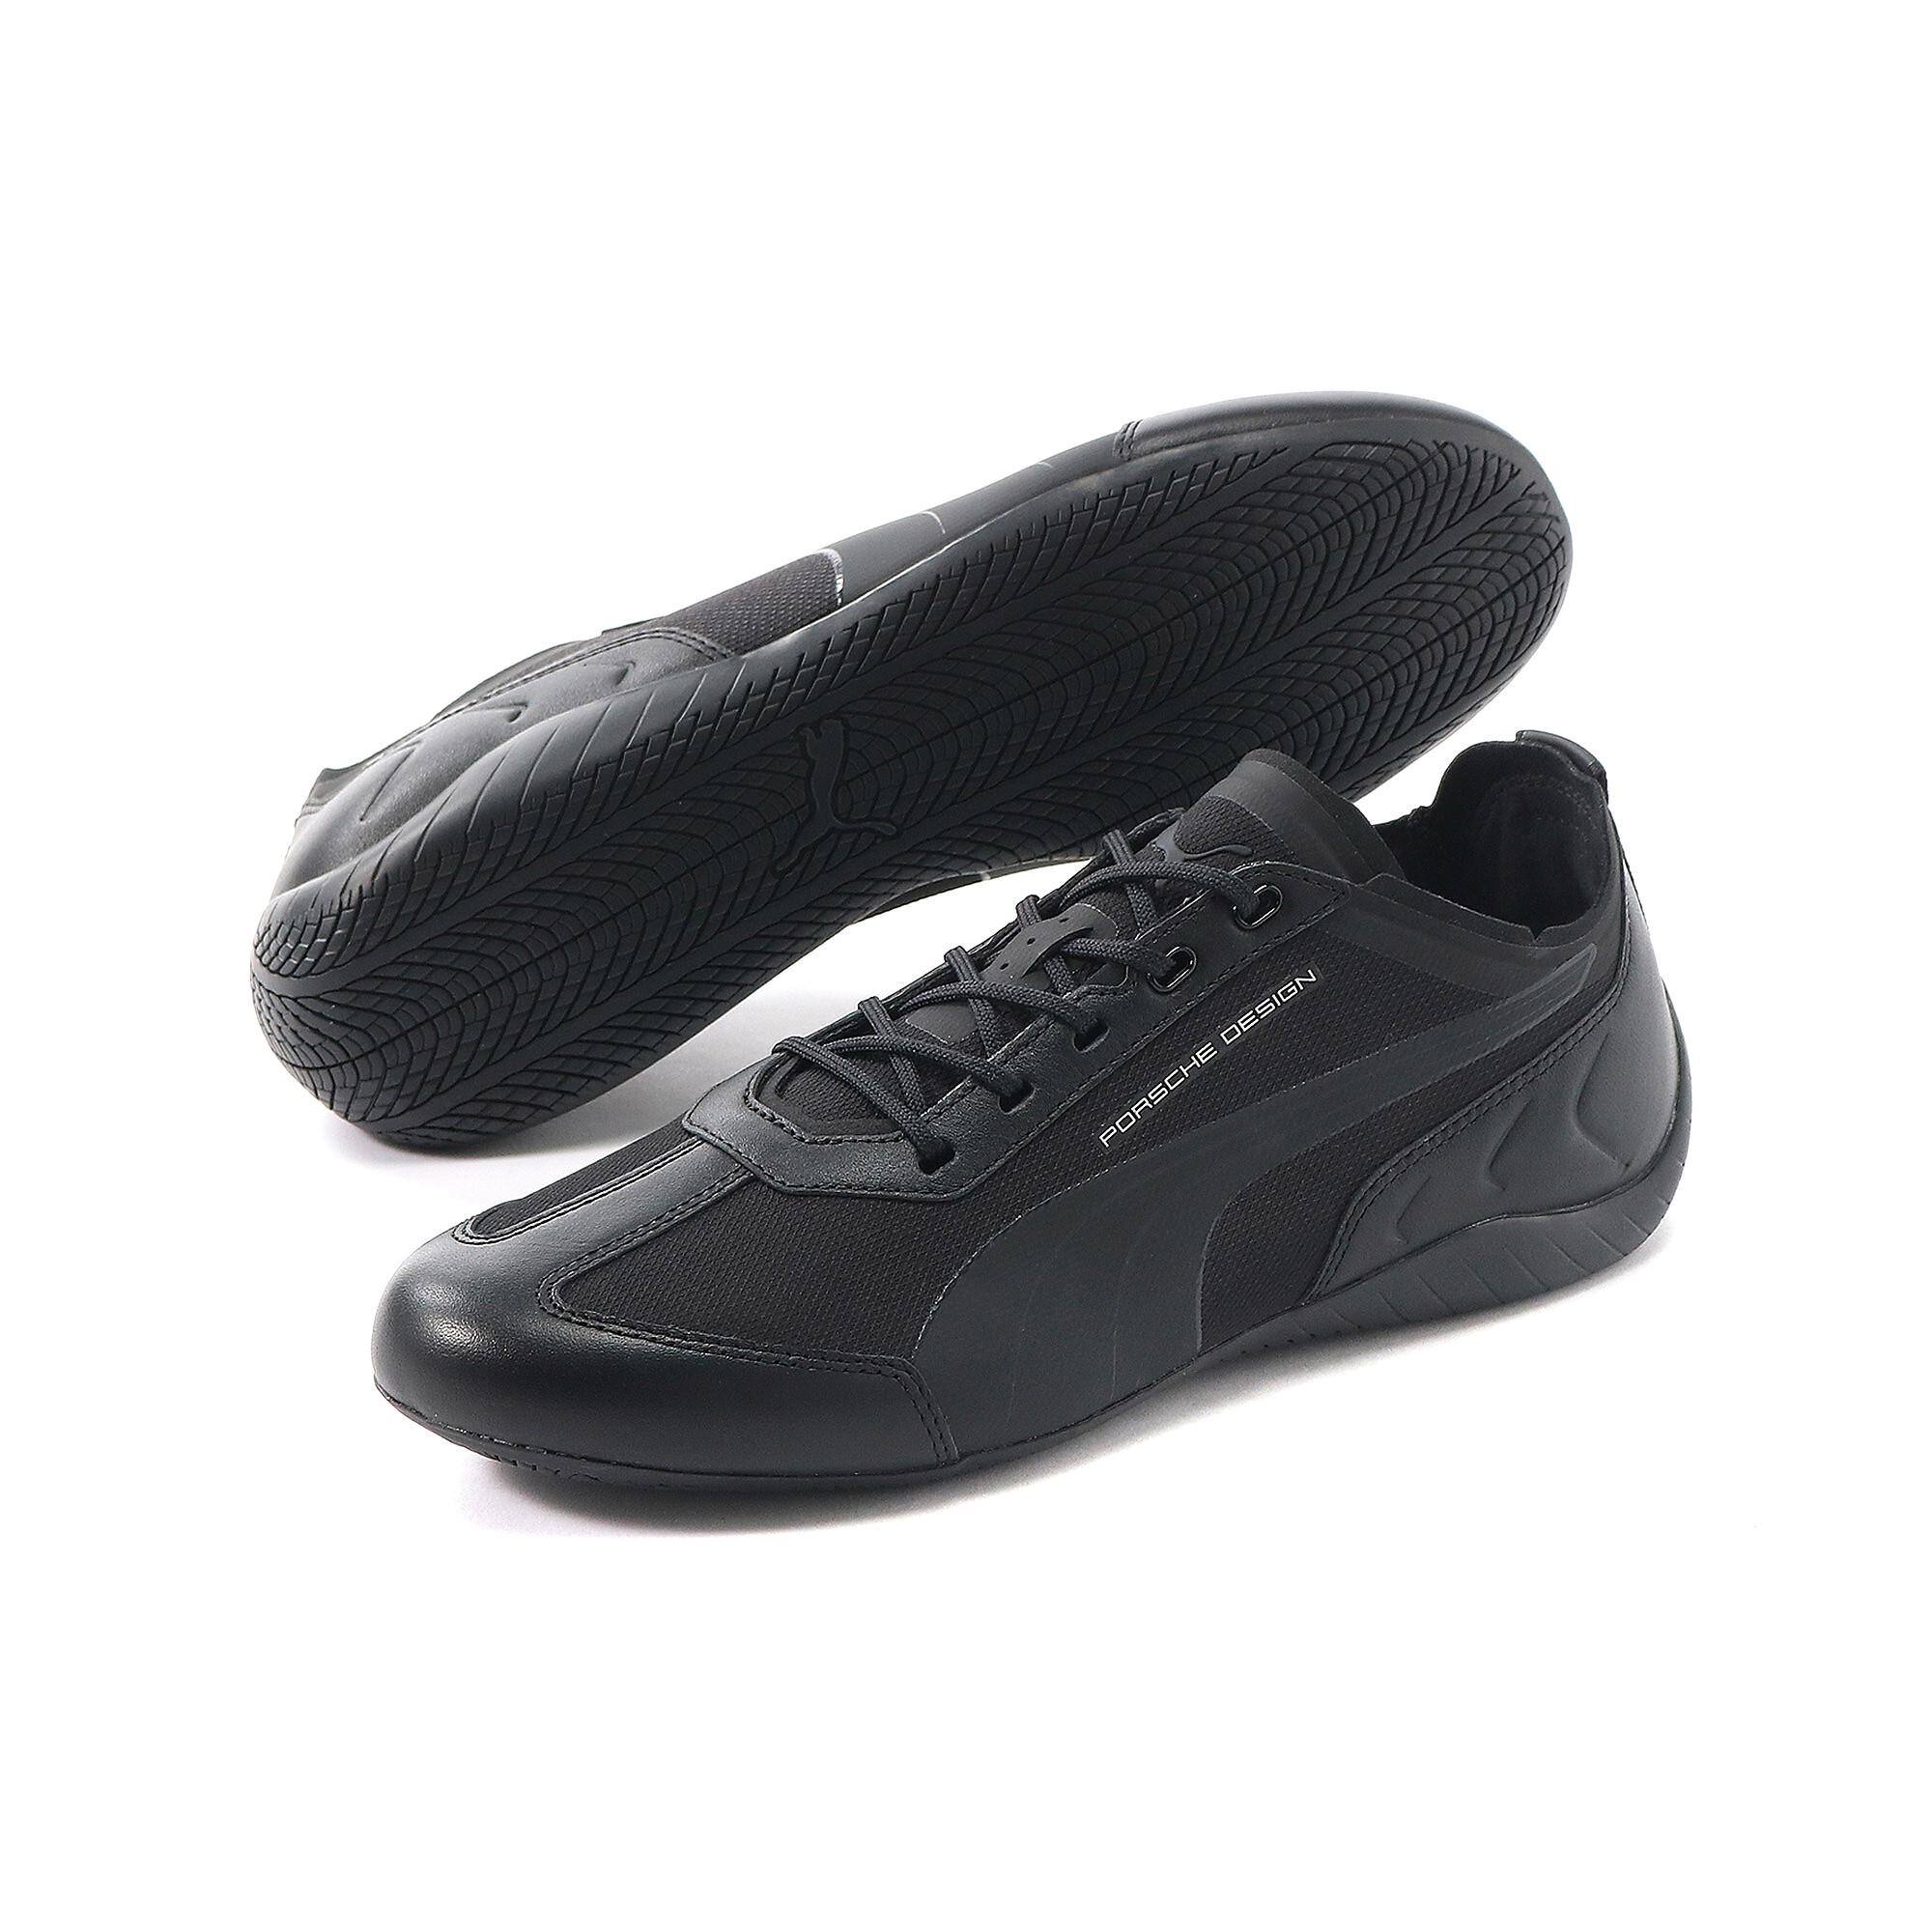 【プーマ公式通販】 プーマ ポルシェ デザイン PD スピードキャット X スニーカー メンズ Jet Black-Jet Black |PUMA.com